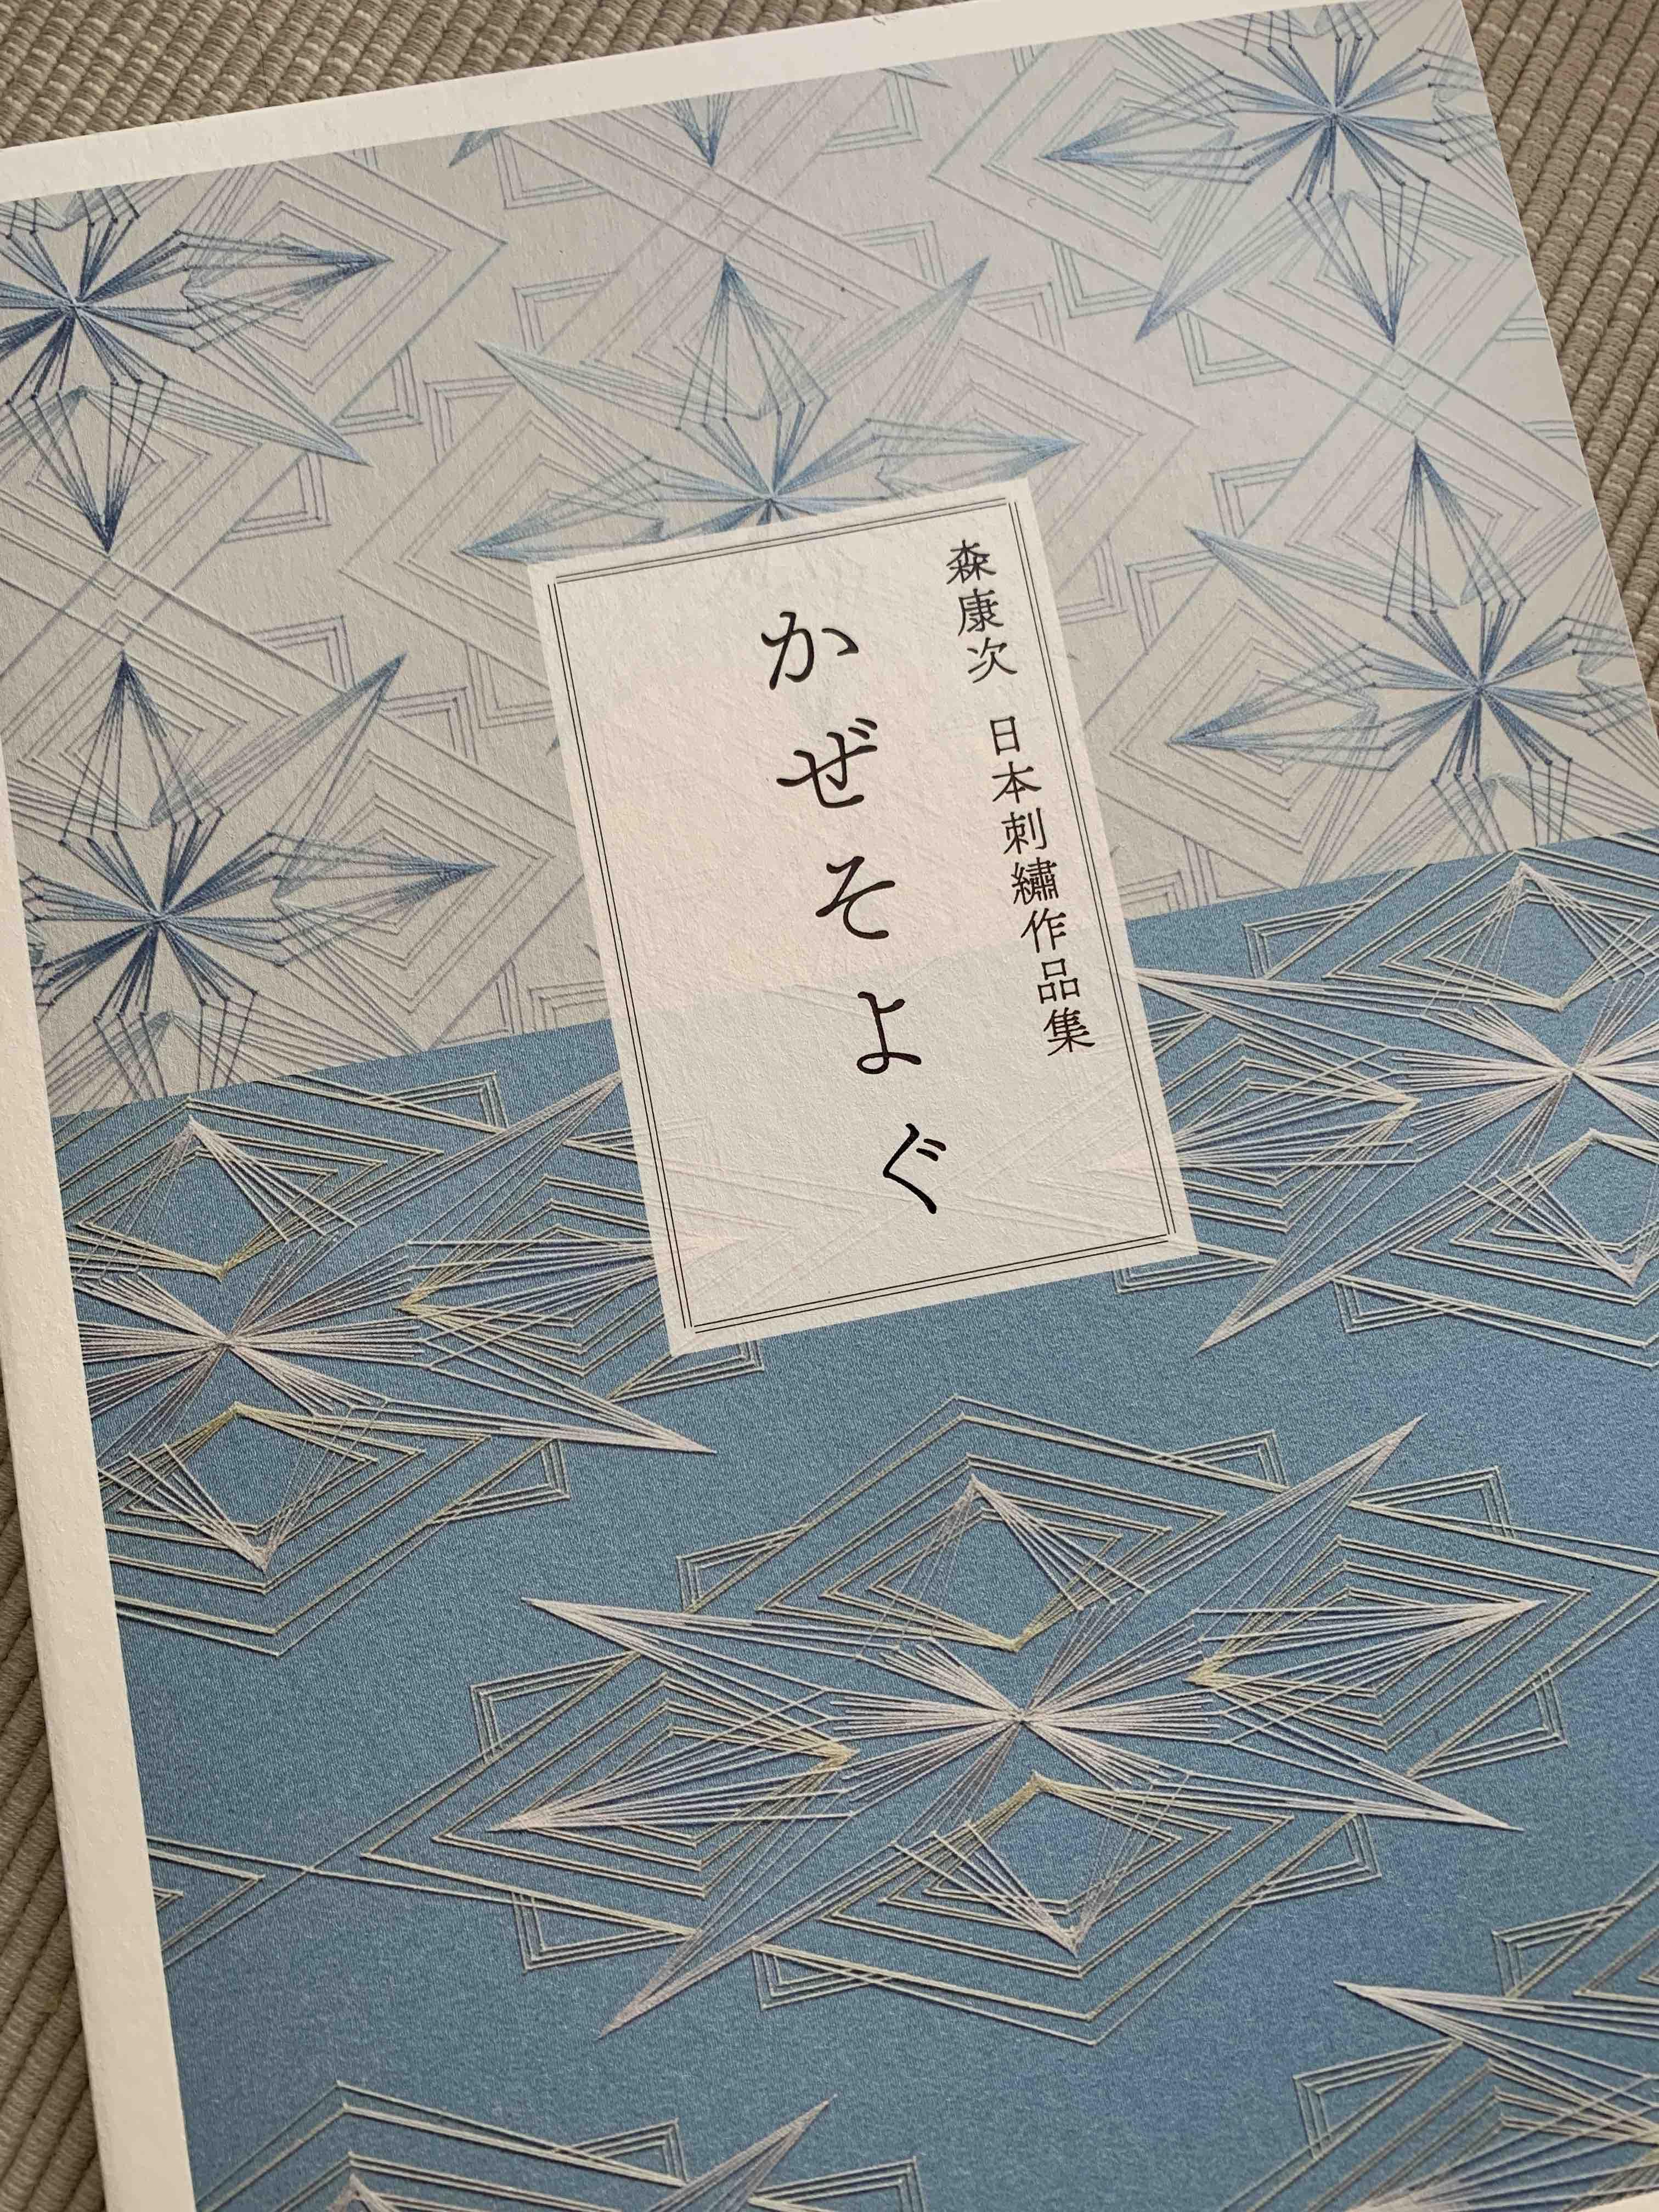 こんな時こそ、心に栄養を。 森康次 日本刺繍作品集「かぜそよぐ」